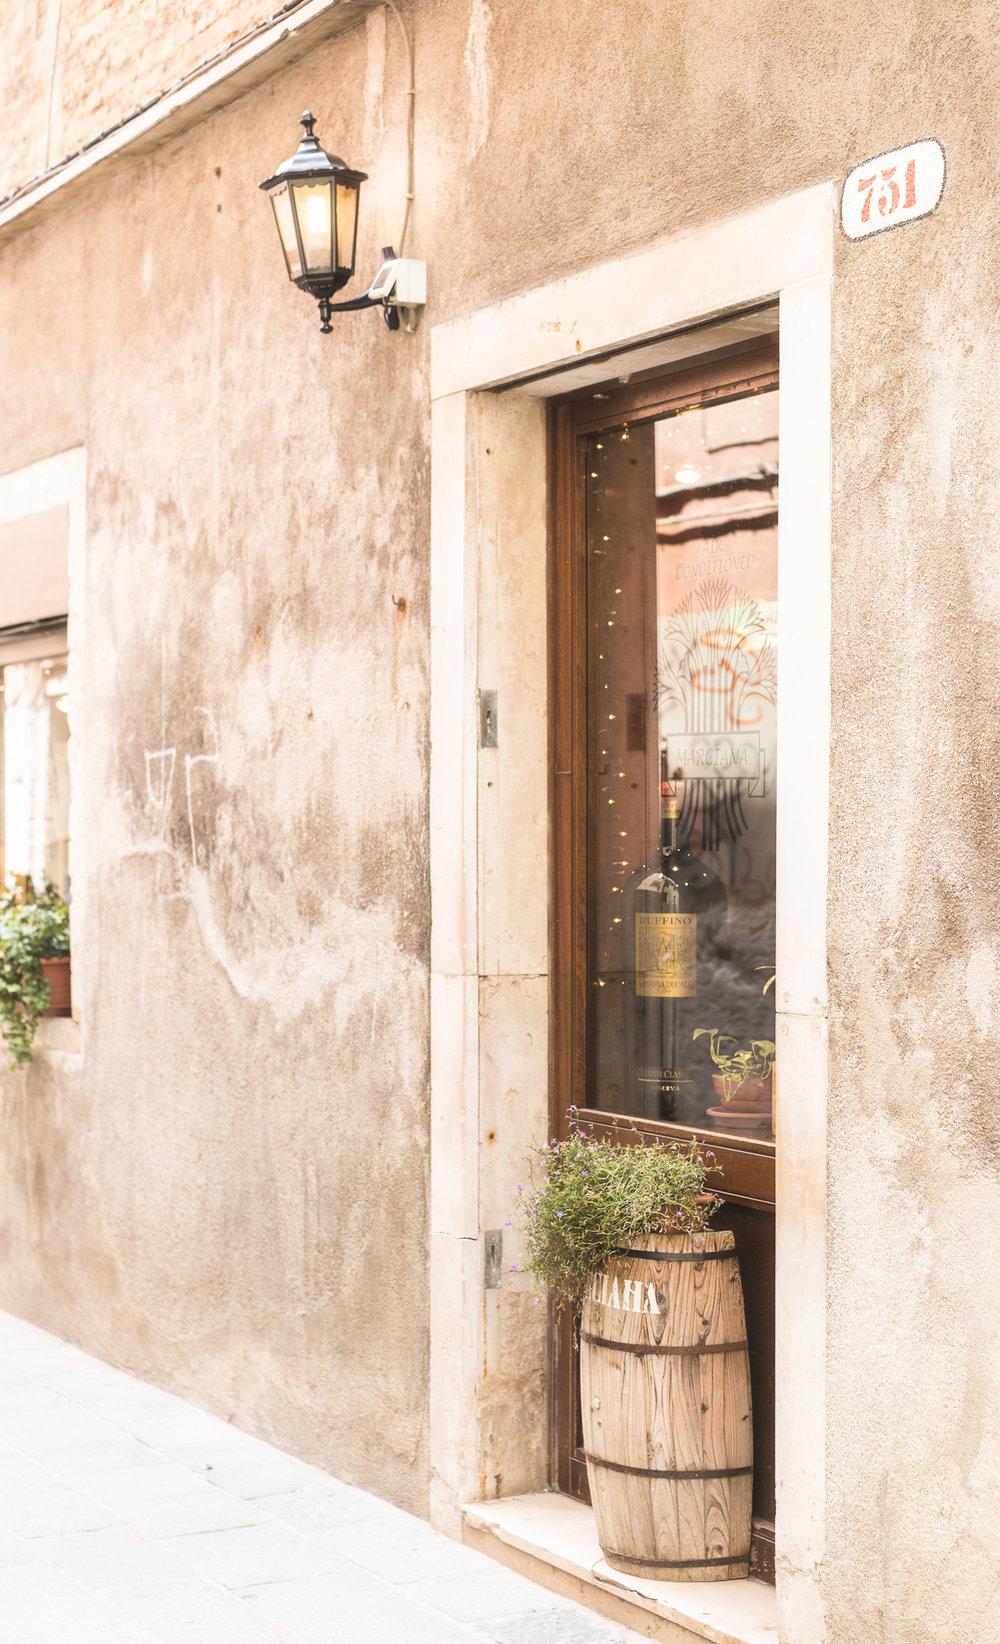 Venice-Burano-Italy-13.jpg